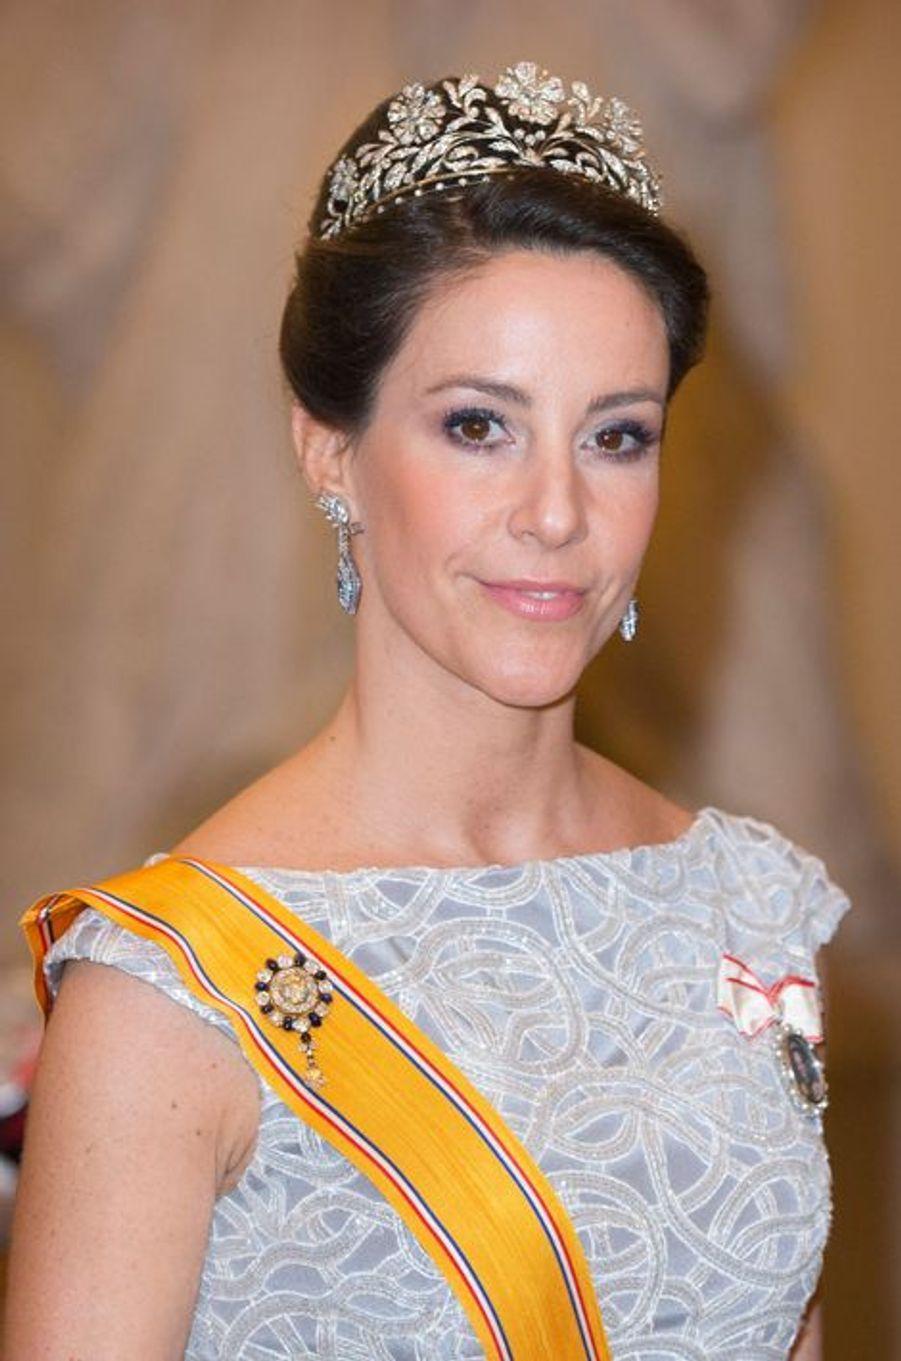 La princesse Marie de Danemark à Copenhague, le 17 mars 2015